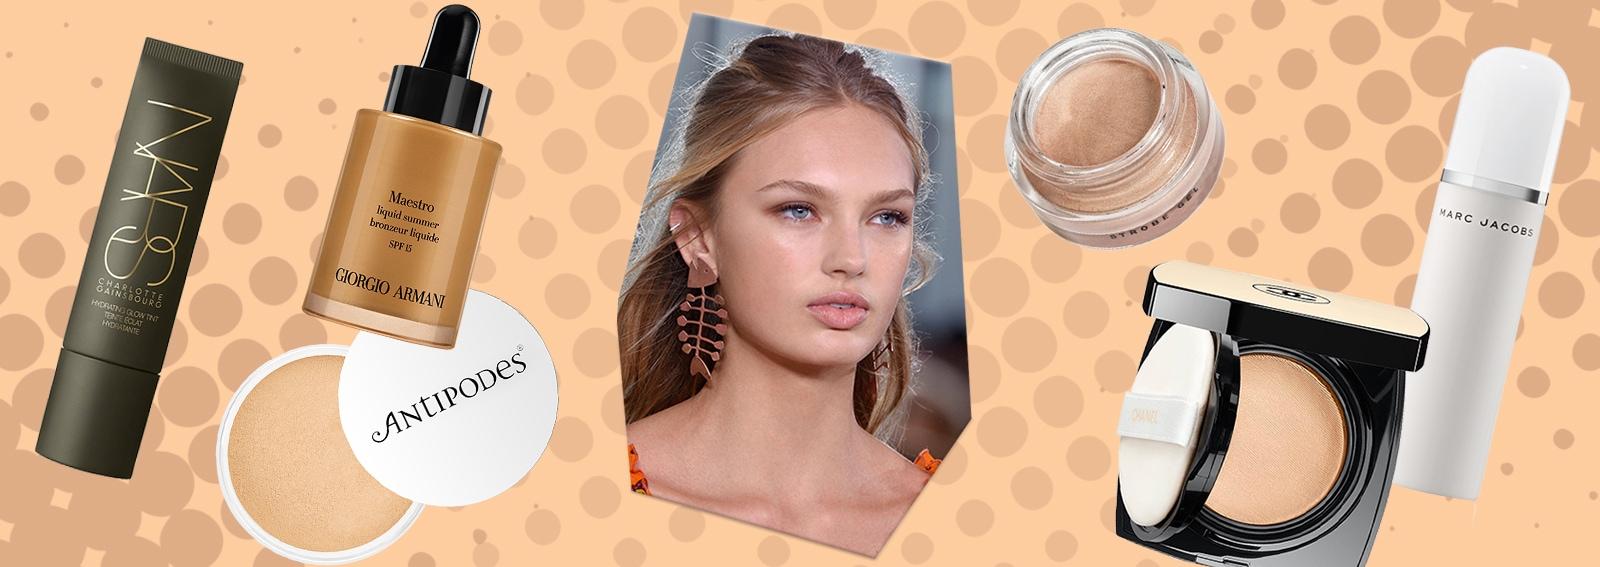 Base viso estiva: i consigli per un make up resistente al caldo